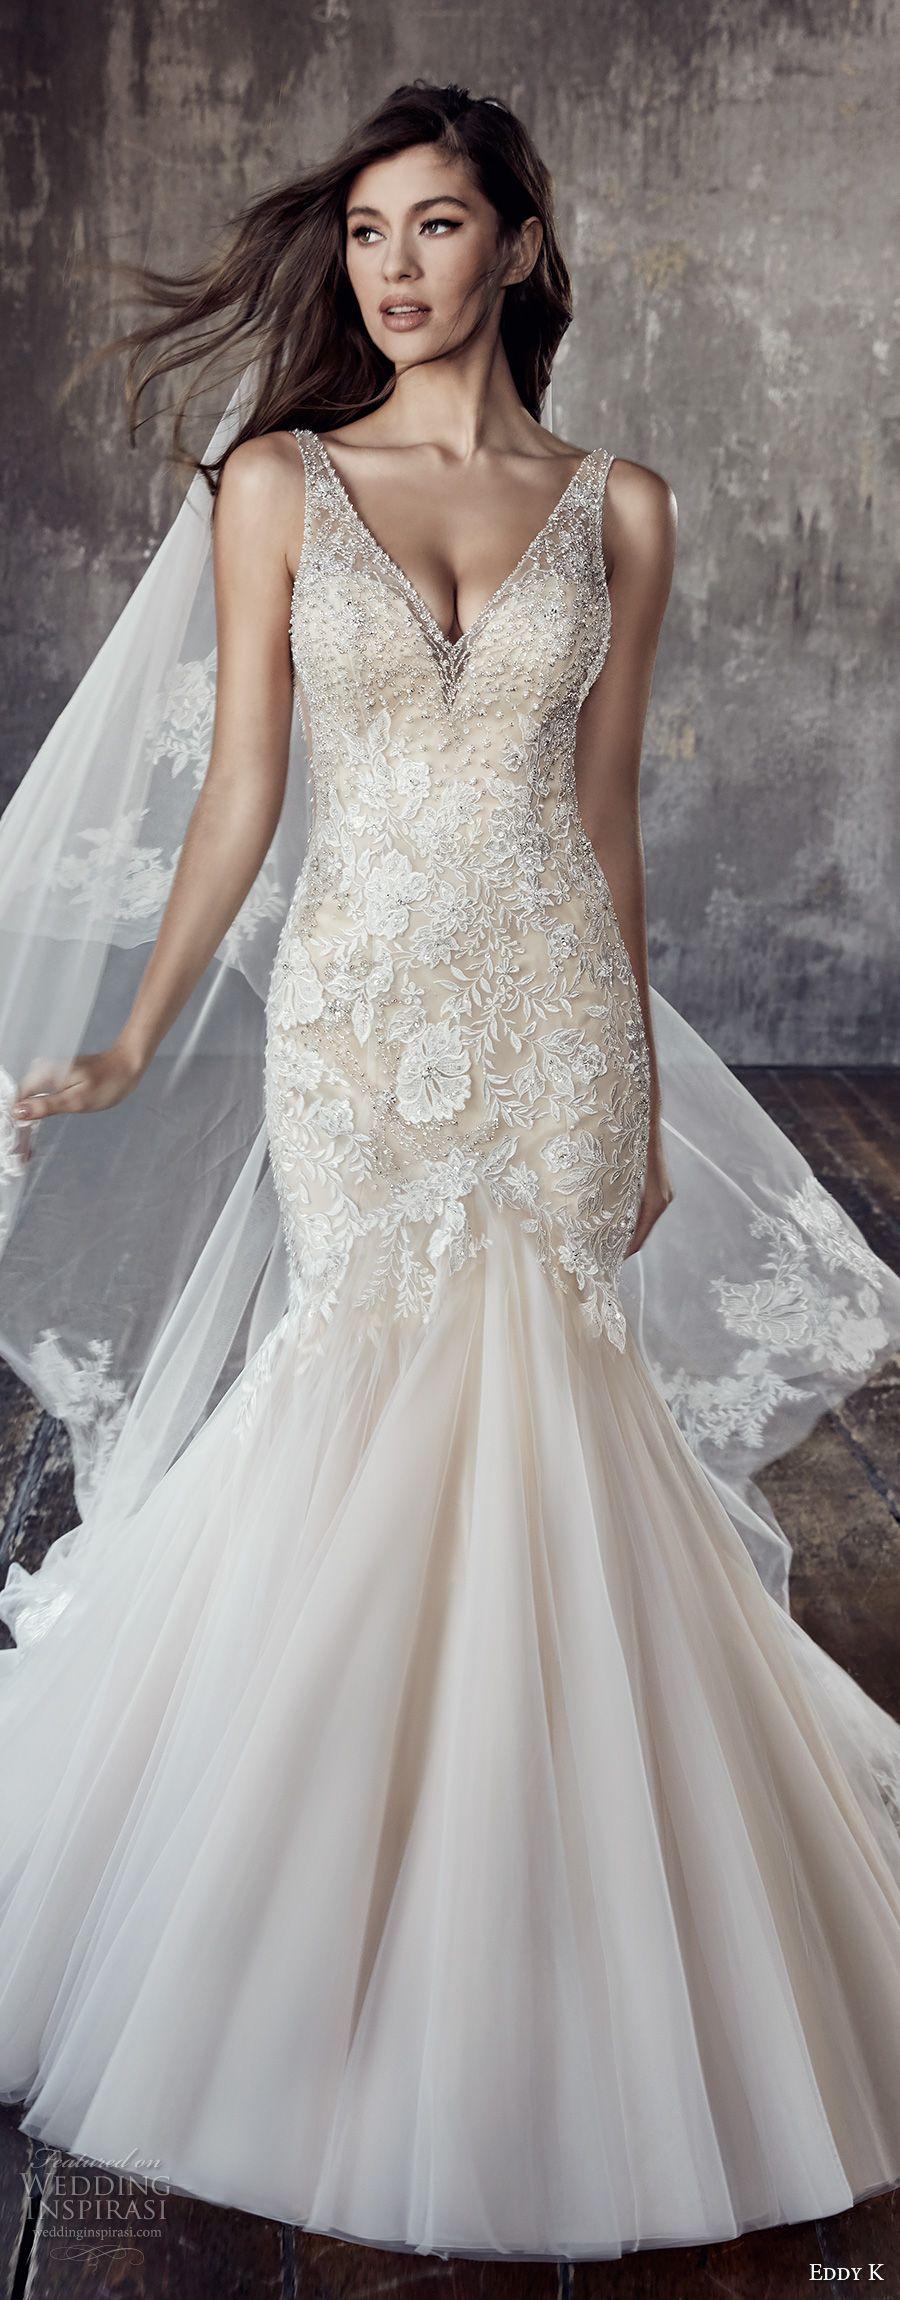 Eddy K. Couture 2018 Wedding Dresses | Hochzeitskleider, Kleider und ...